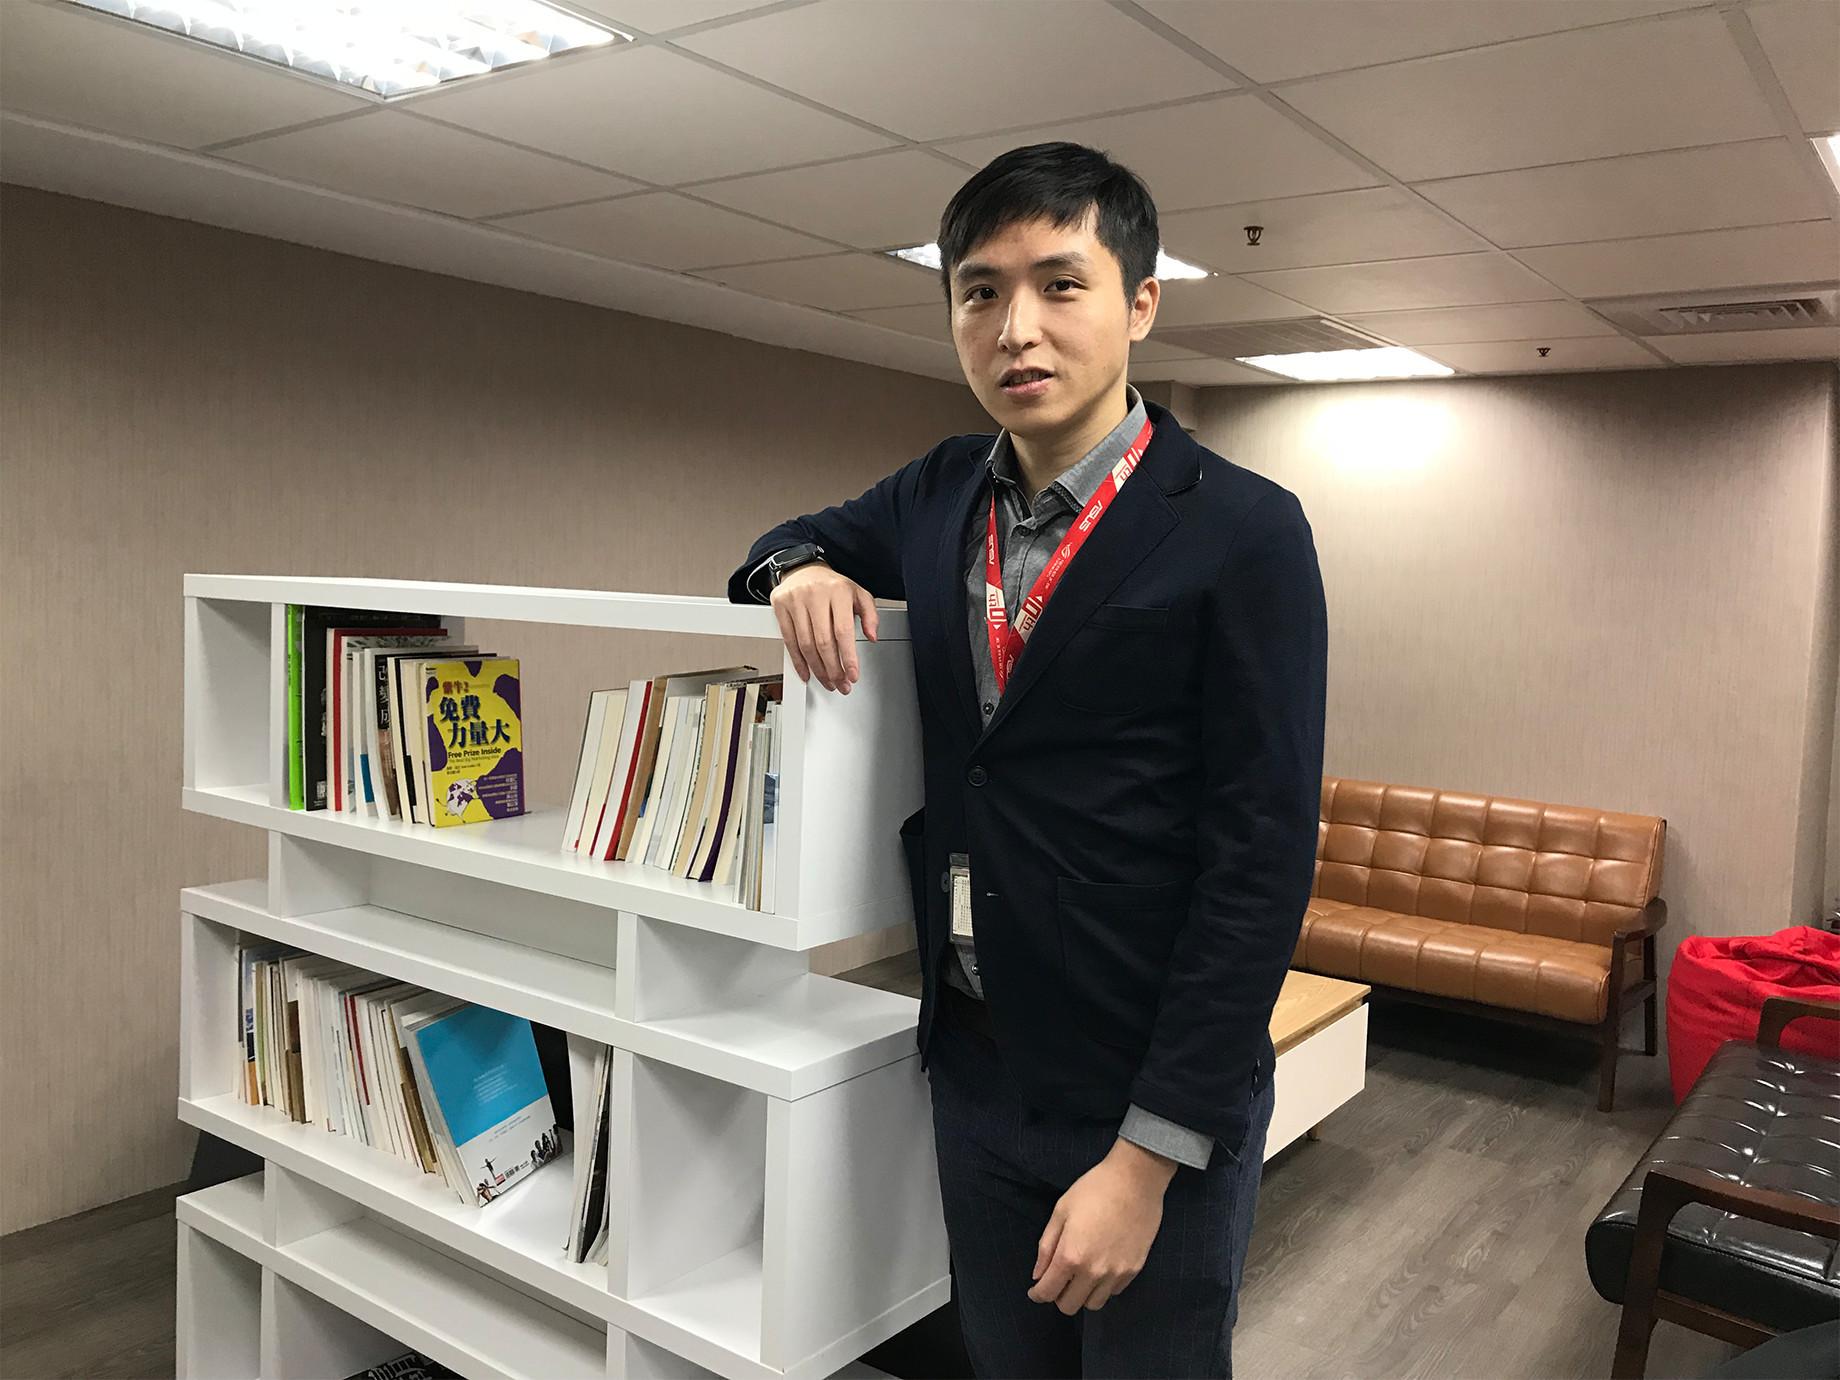 工作分享》王懷晨(華碩資料分析師):抽絲剝繭網路數據,讓資料說故事